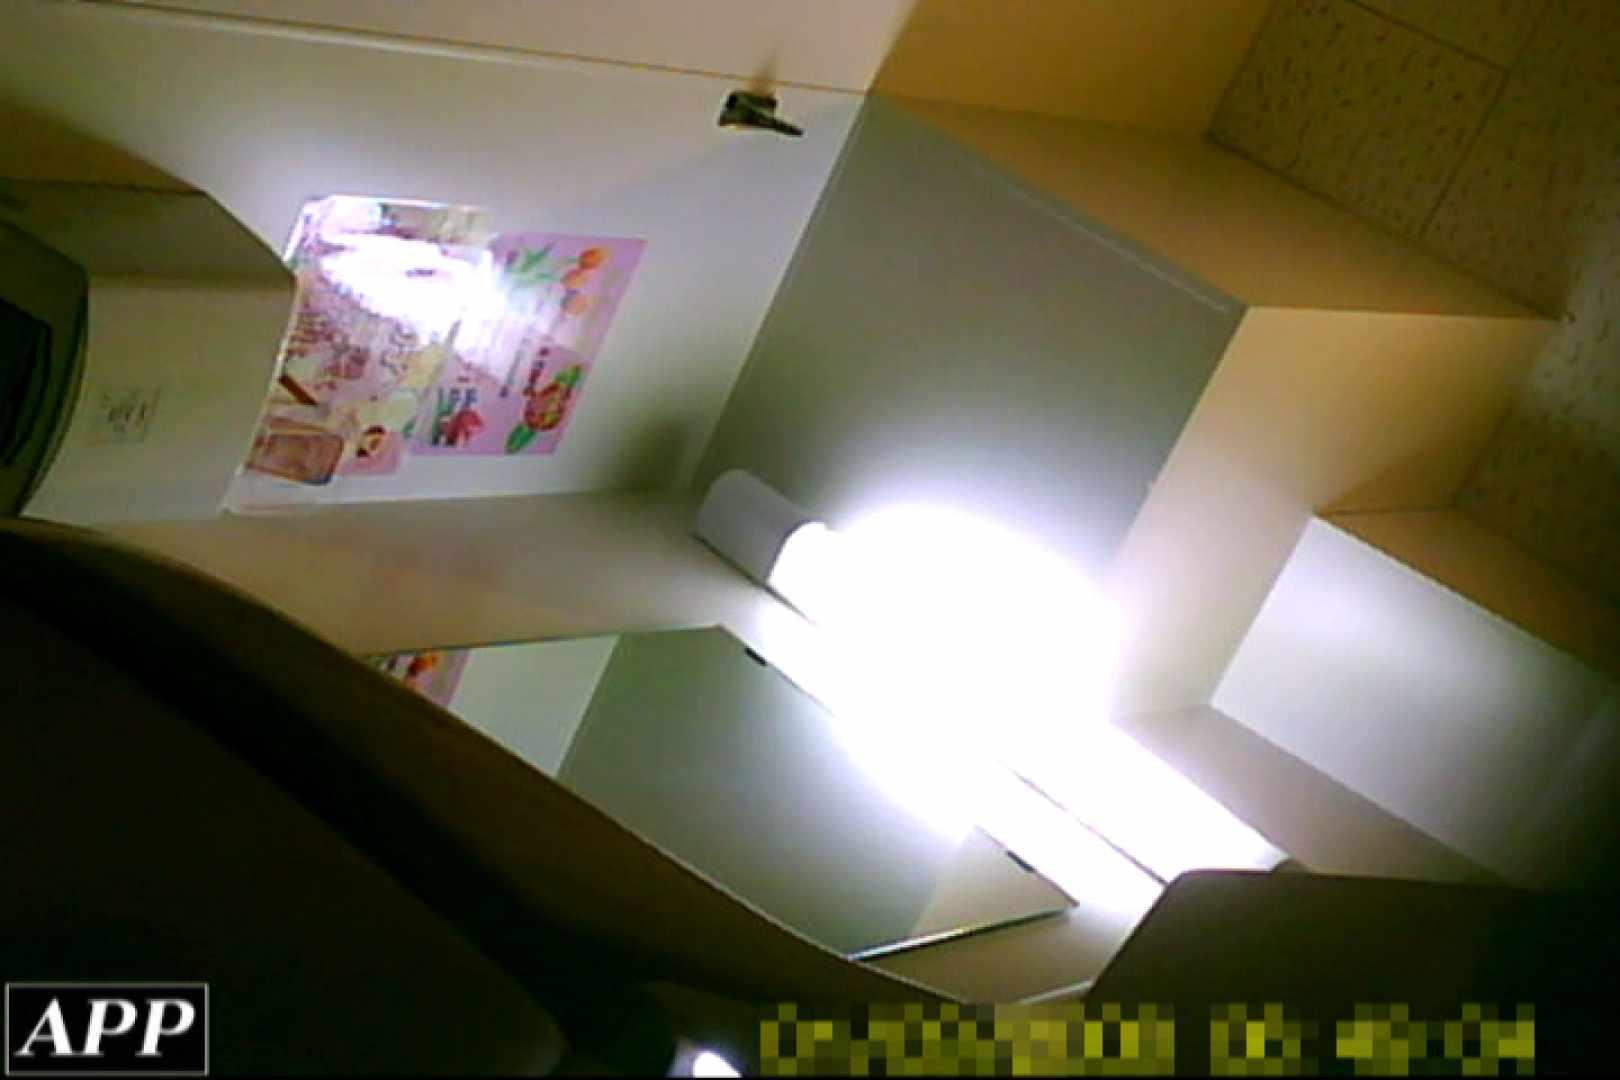 無修正エロ動画|3視点洗面所 vol.122|怪盗ジョーカー